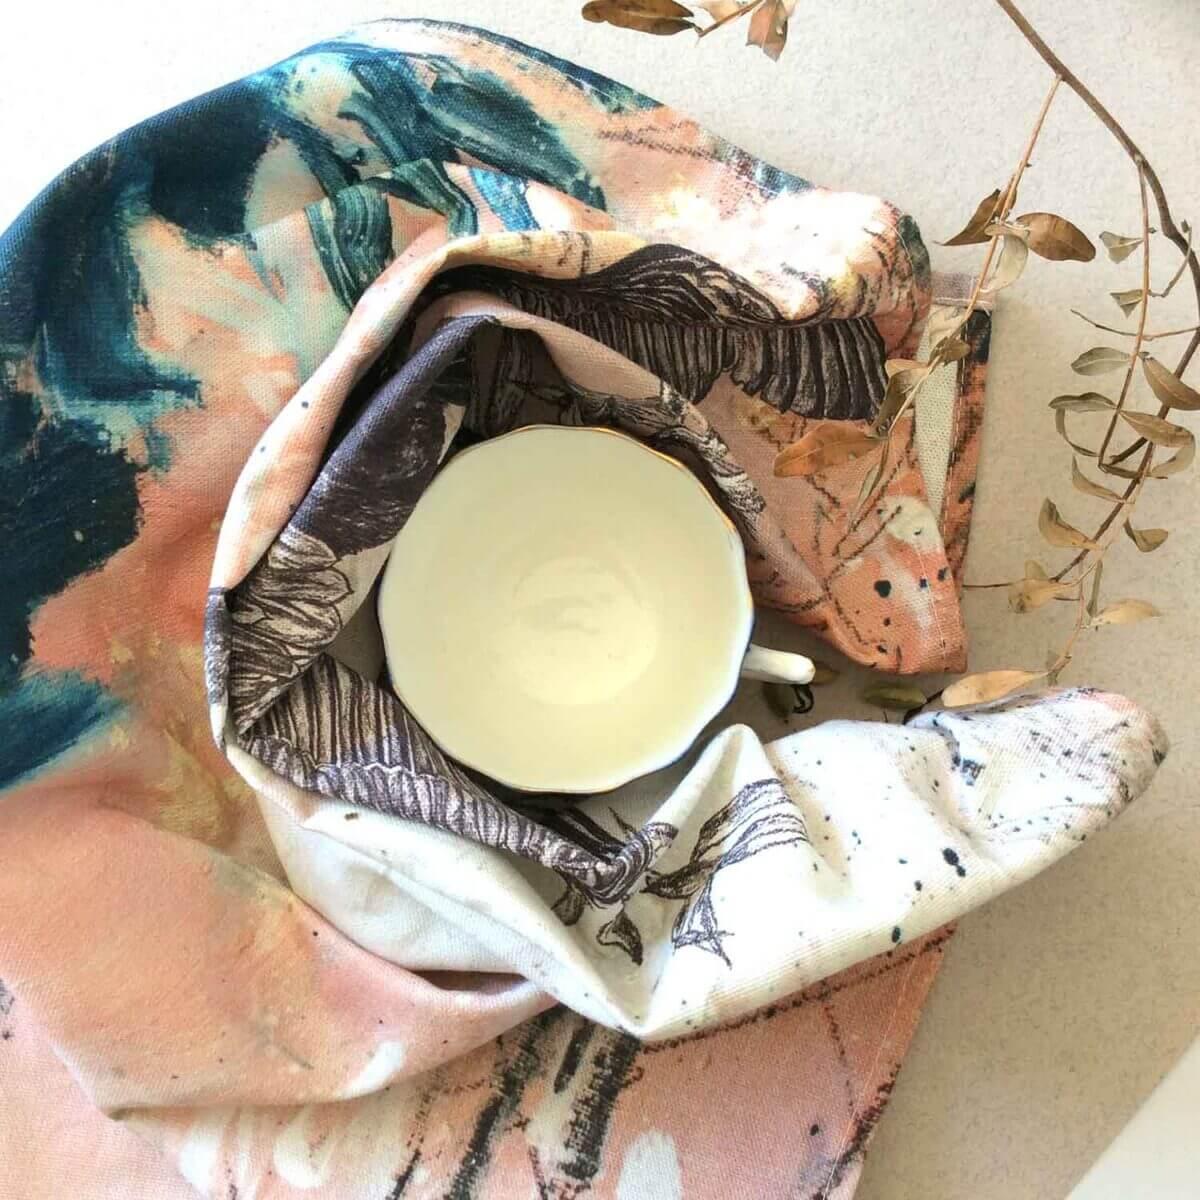 Cormorant-Tea-Towel-Styled2-Sky-Siouki